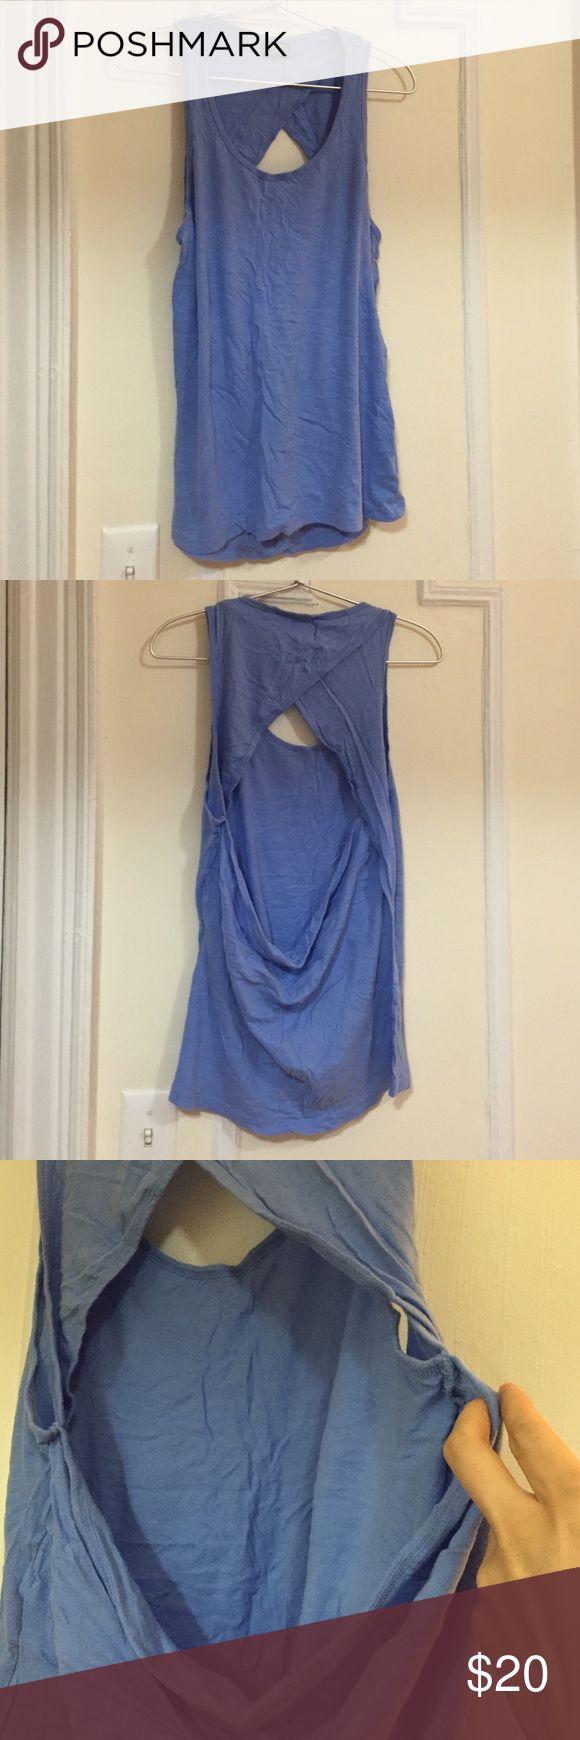 ❗️SALE❗️Cheap Monday vest very cute open back design. light blue color. Cheap Monday Tops